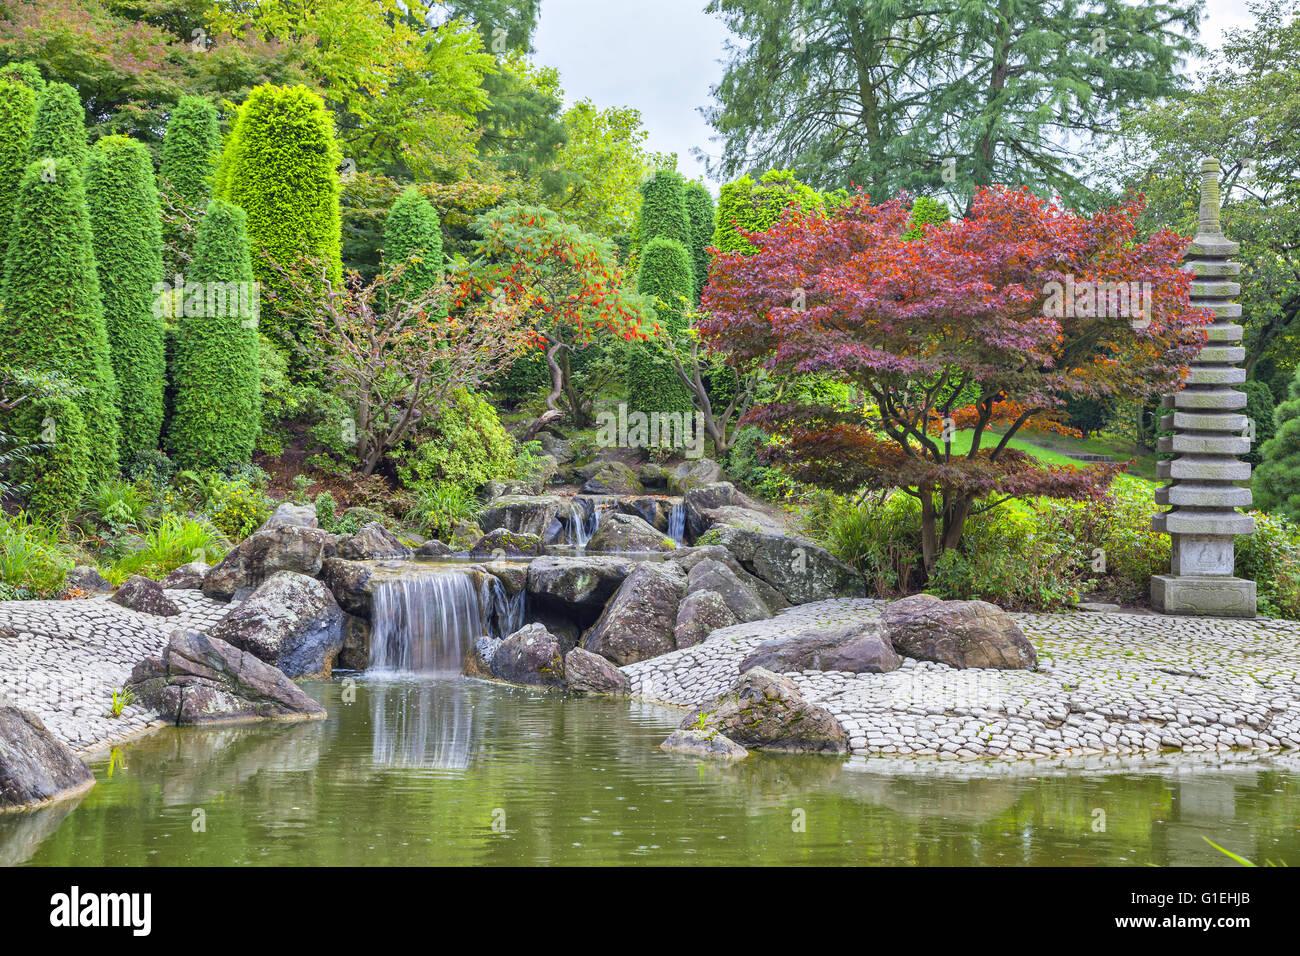 Cascade waterfall in Japanese garden in Bonn, Germany - Stock Image